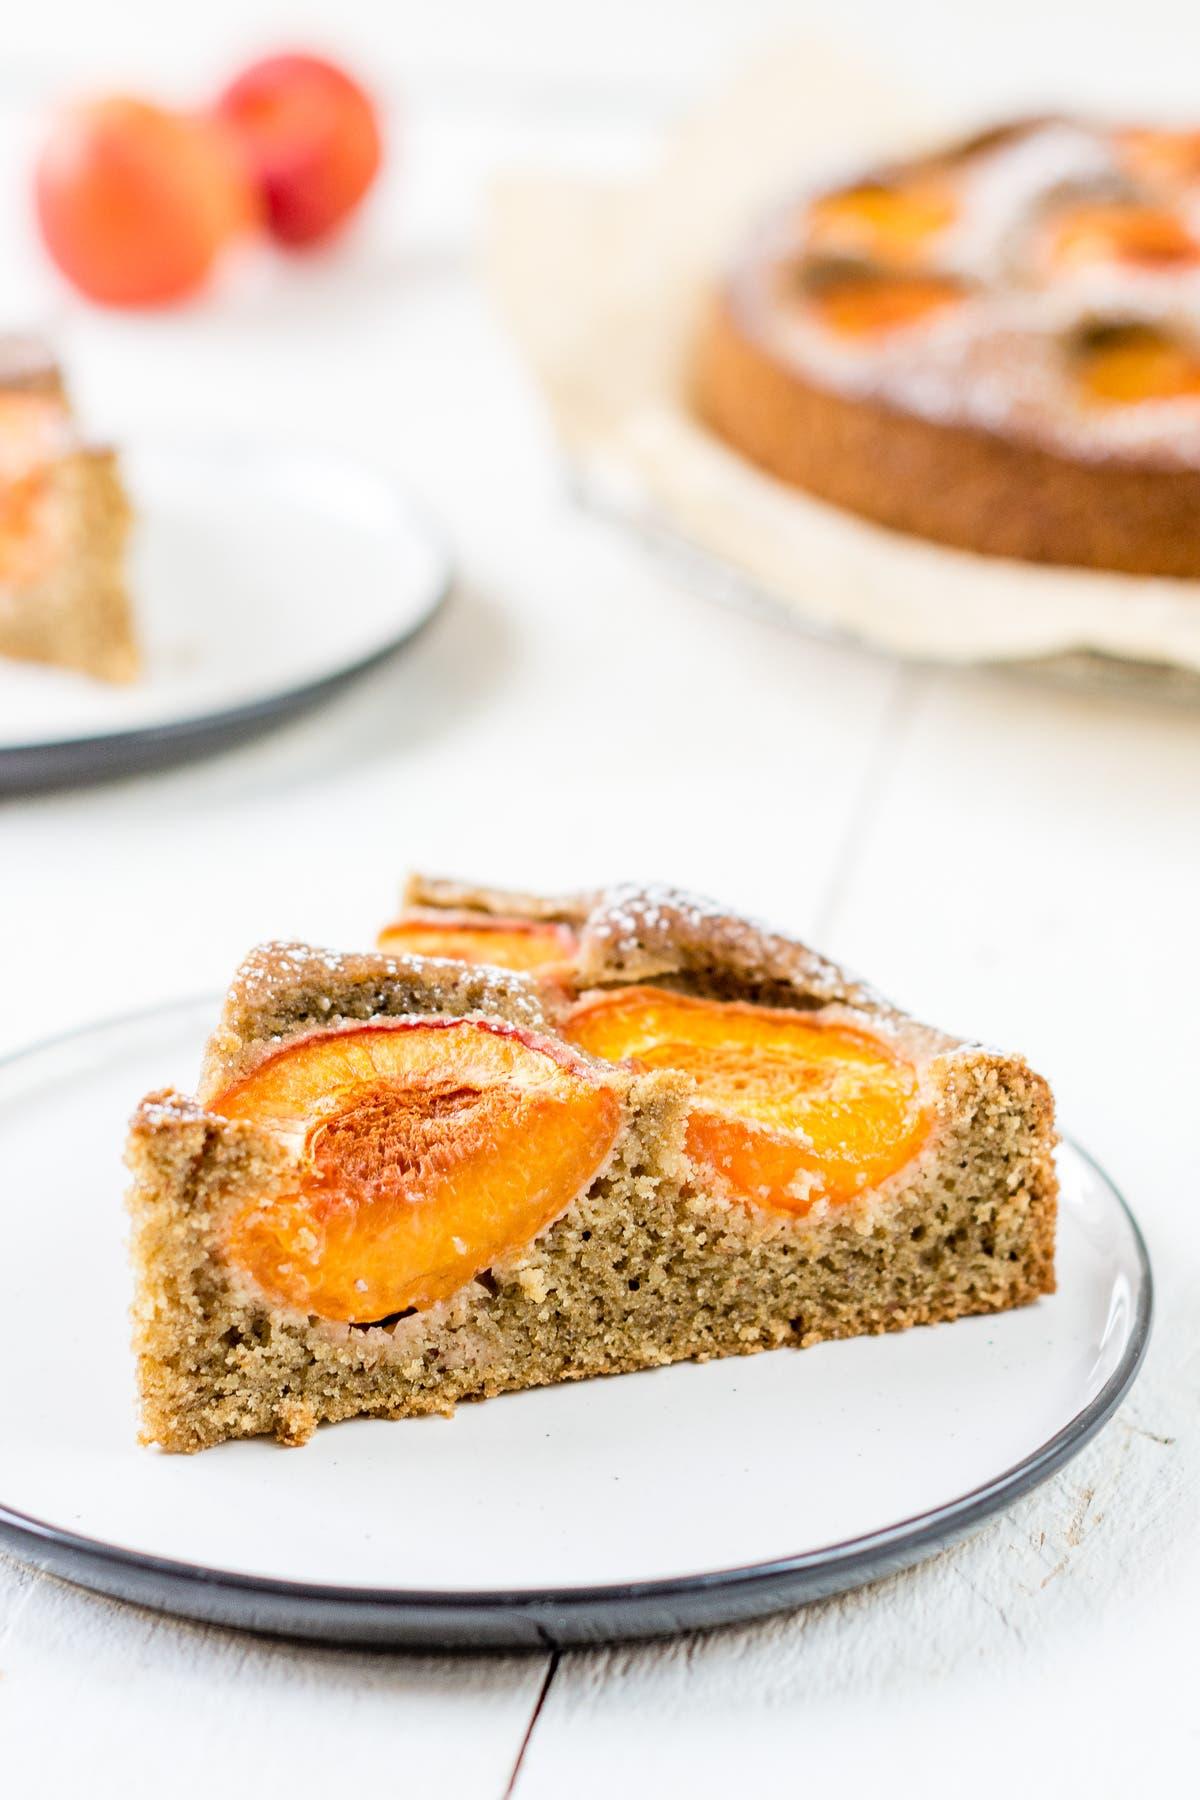 Ein Stück Aprikosenkuchen auf einem weißem Teller.